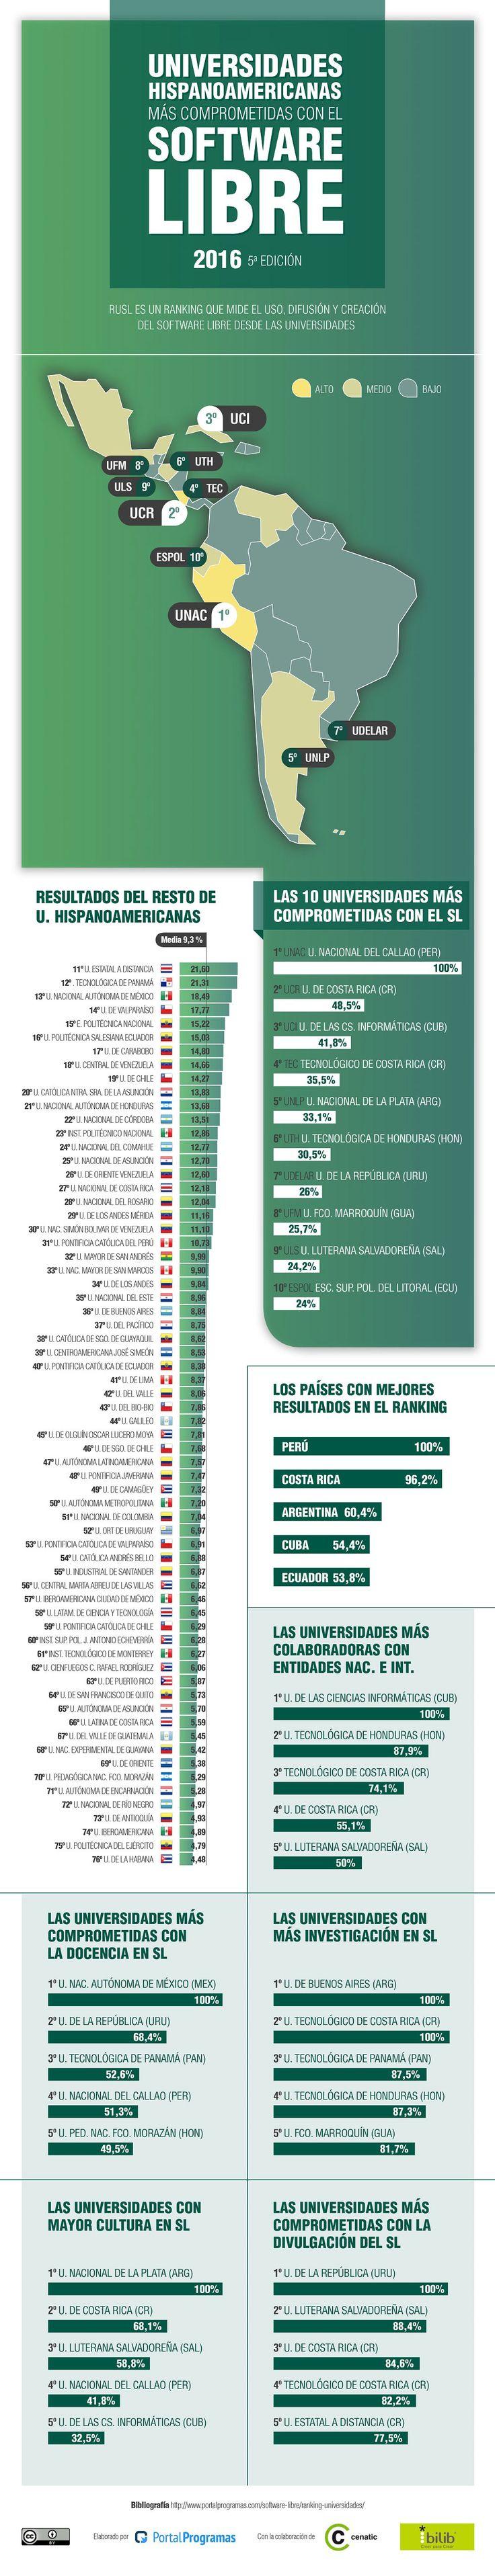 Ranking de #universidades hispanoamericanas en #Software #Libre (RuSL) 2016 http://www.portalprogramas.com/milbits/informatica/universidades-hispanoamericanas-apoyan-software-libre-2016.html